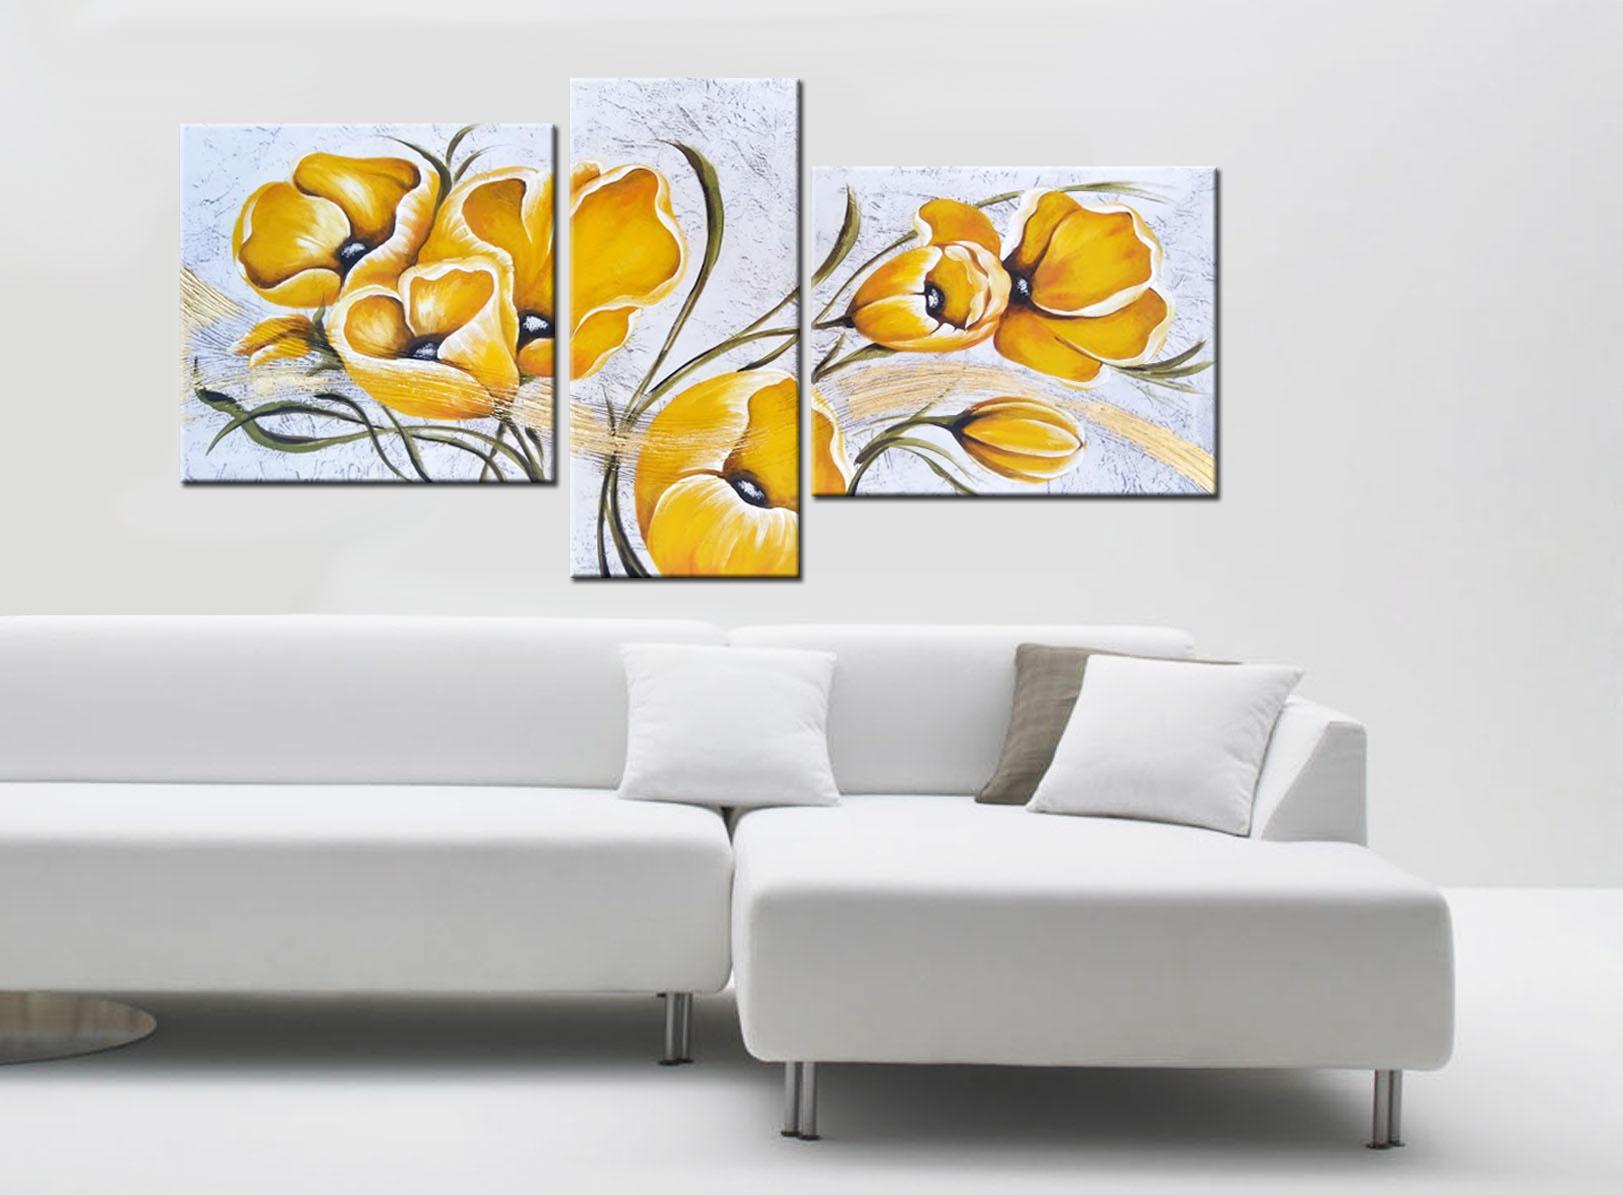 Fiori Quadri Moderni.Quadri Moderni Fiori Yellow Faber Arte